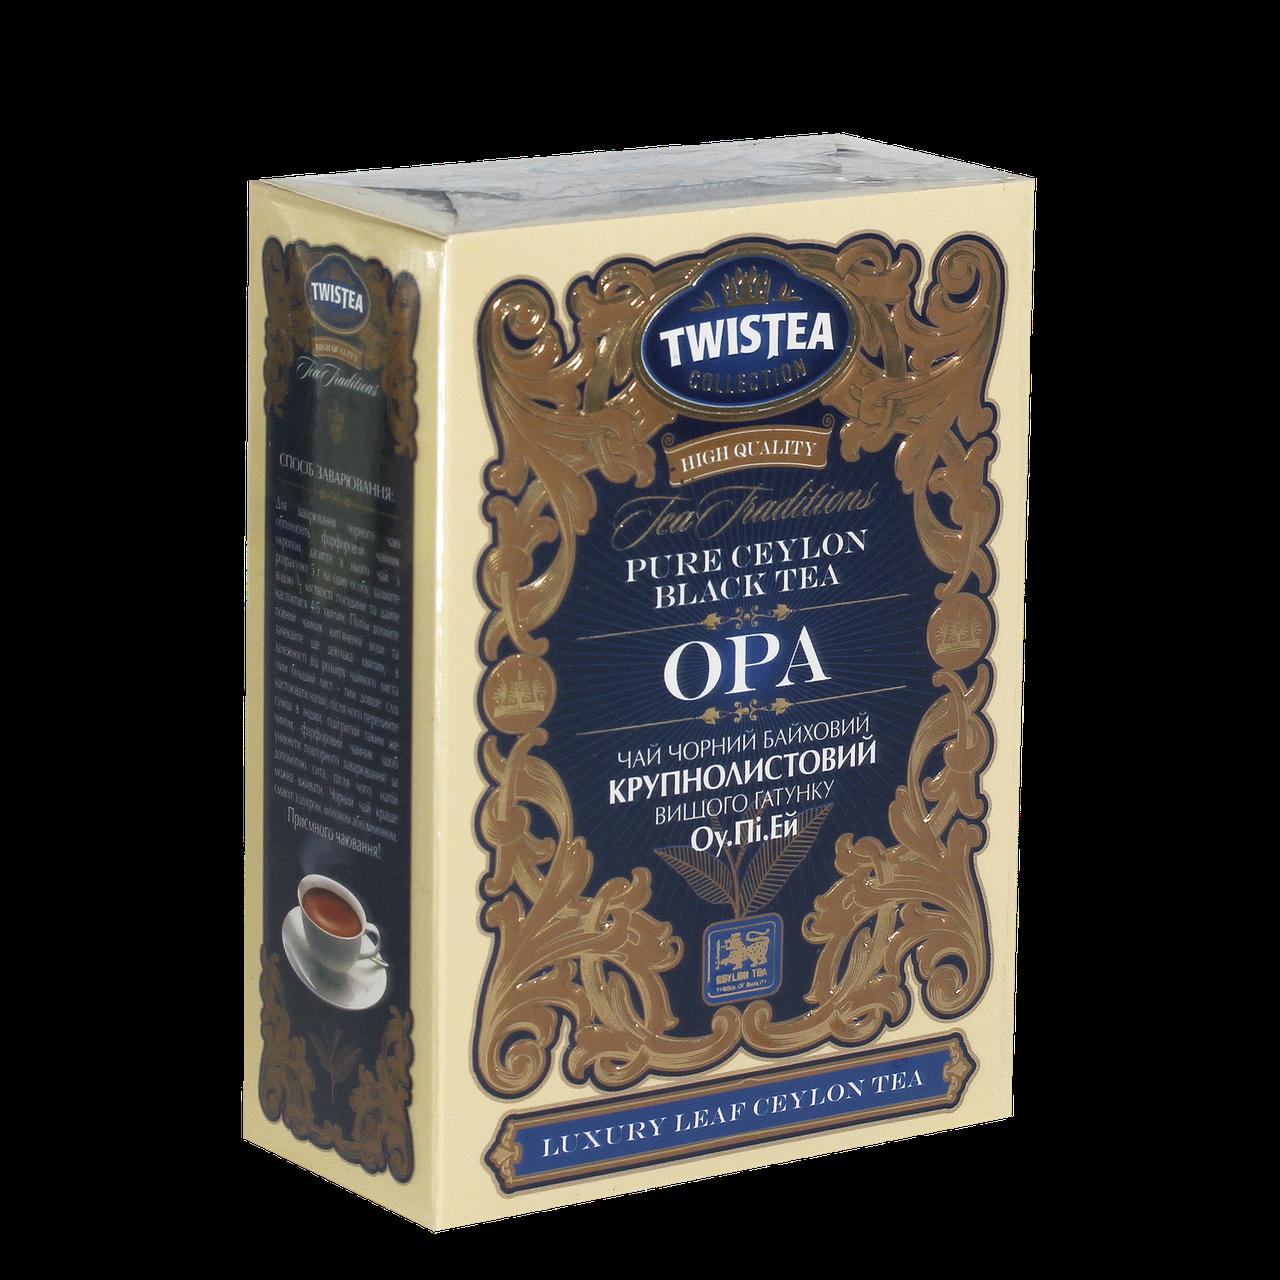 Чай чорний розсипний Twistea OPA 100гр.